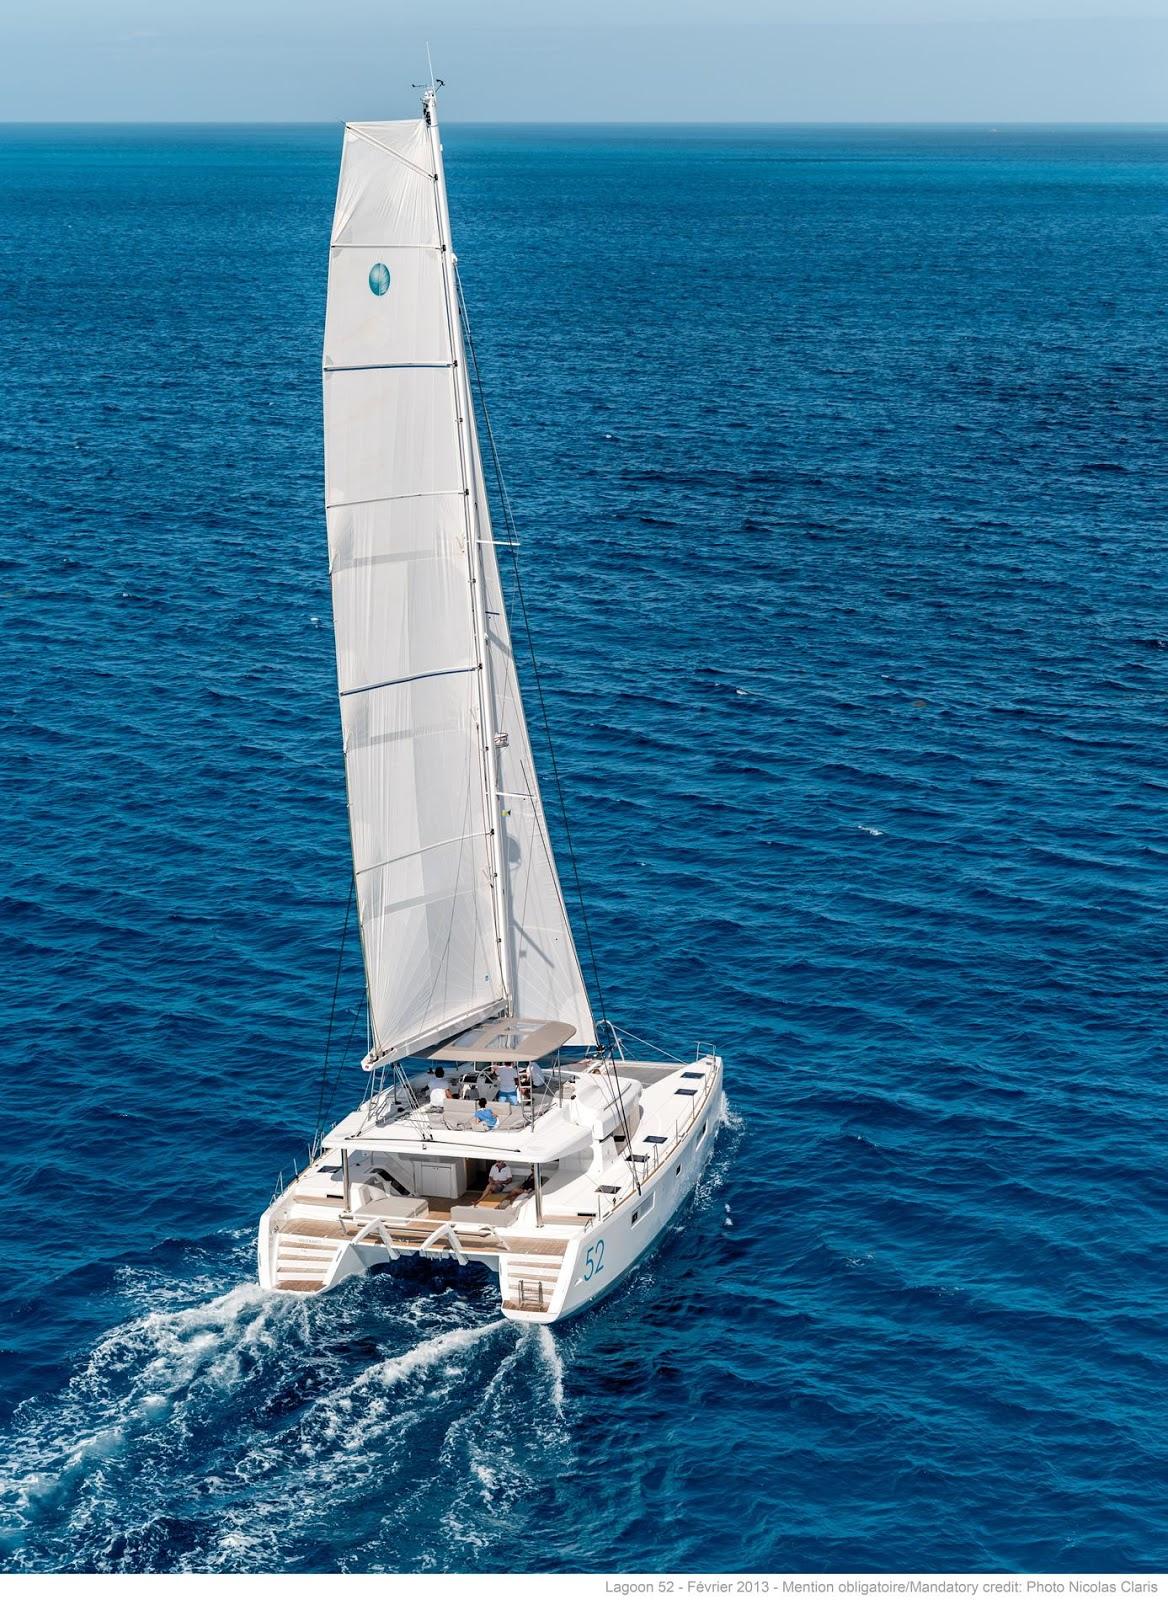 alquiler de catamaranes en ibiza. alquiler catamaranes ibiza. alquiler de catamaranes en ibiza. alquiler catamaranes ibiza. alquilar catamaranes en ibiza. catamaranes de alquiler en ibiza